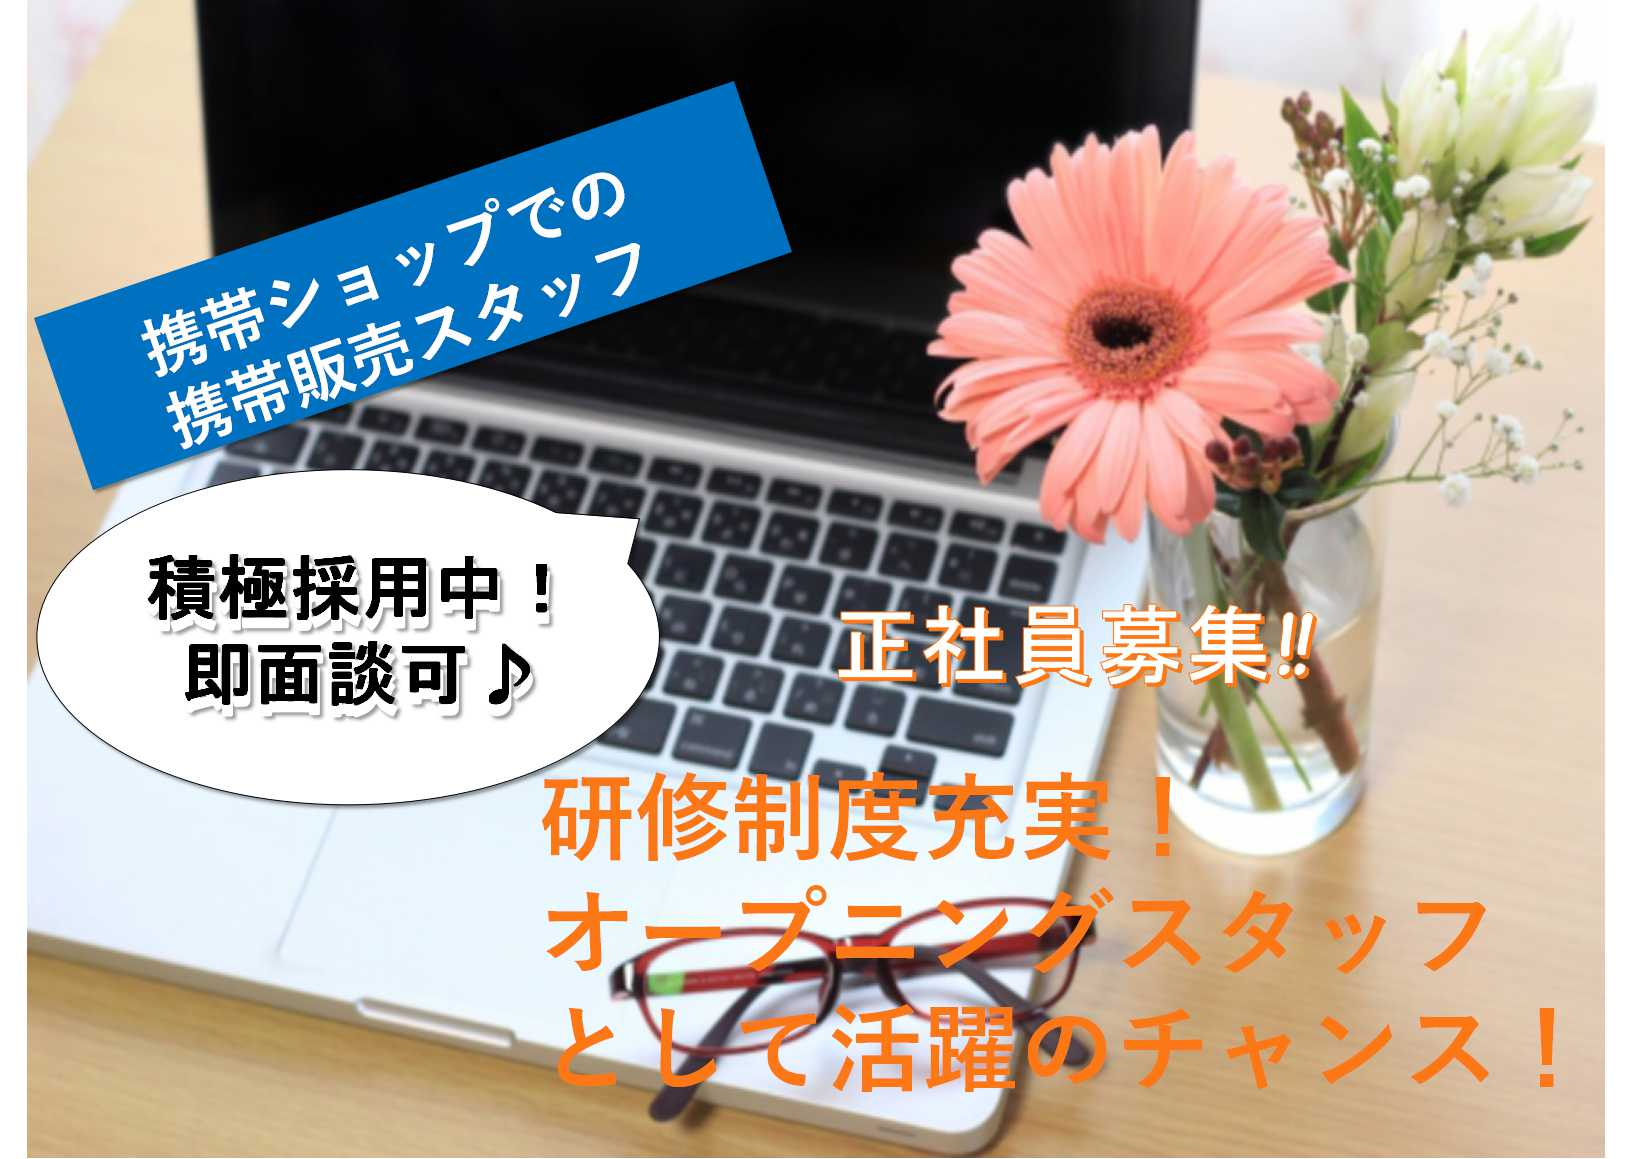 【名古屋市全域】研修充実!オープニングで活躍できるチャンス!携帯ショップでの携帯販売スタッフ【即面談可】 イメージ